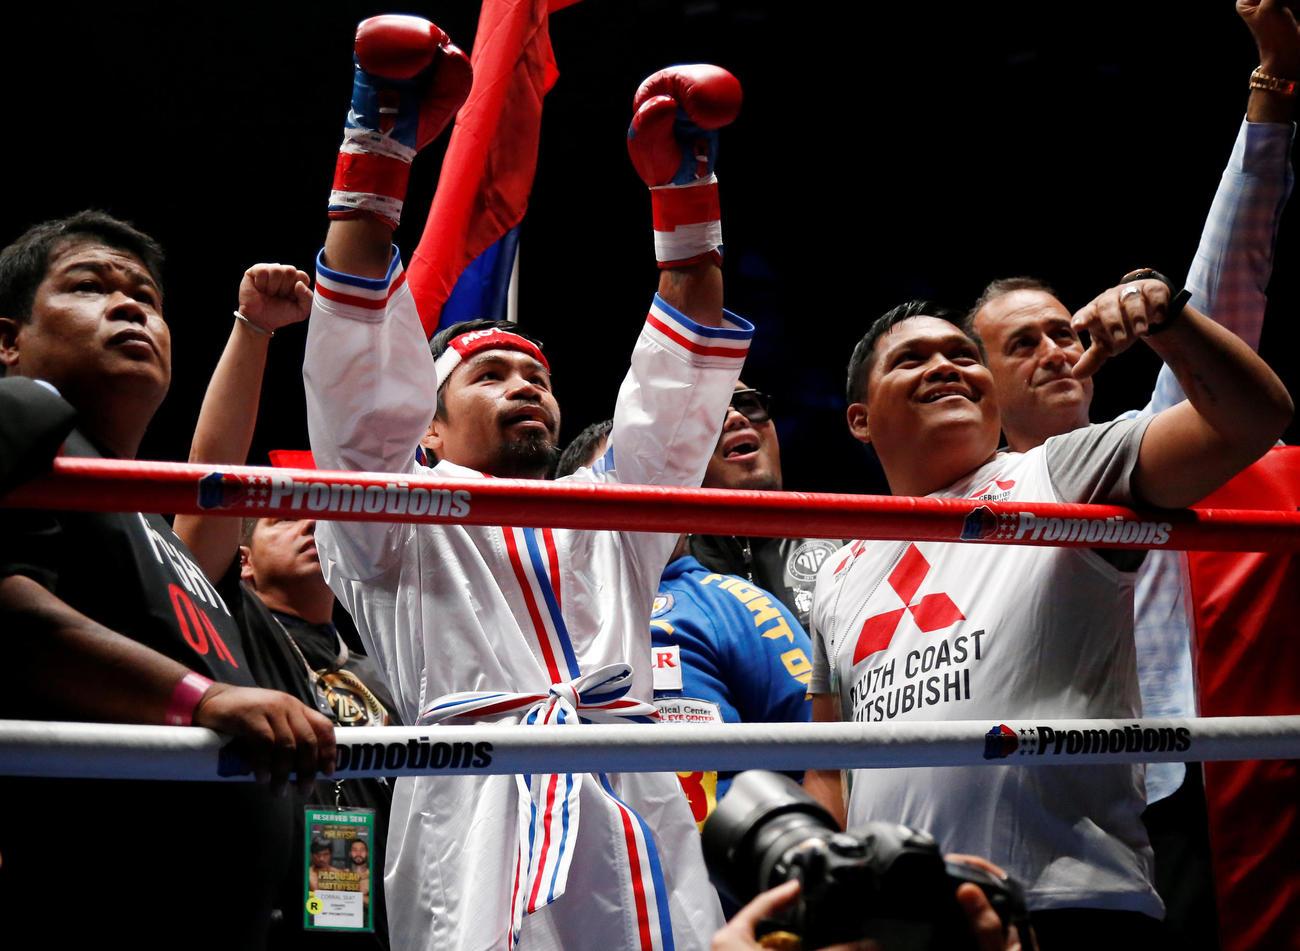 パッキャオ「コントロールできた」再起戦7回TKO - ボクシング : 日刊スポーツ